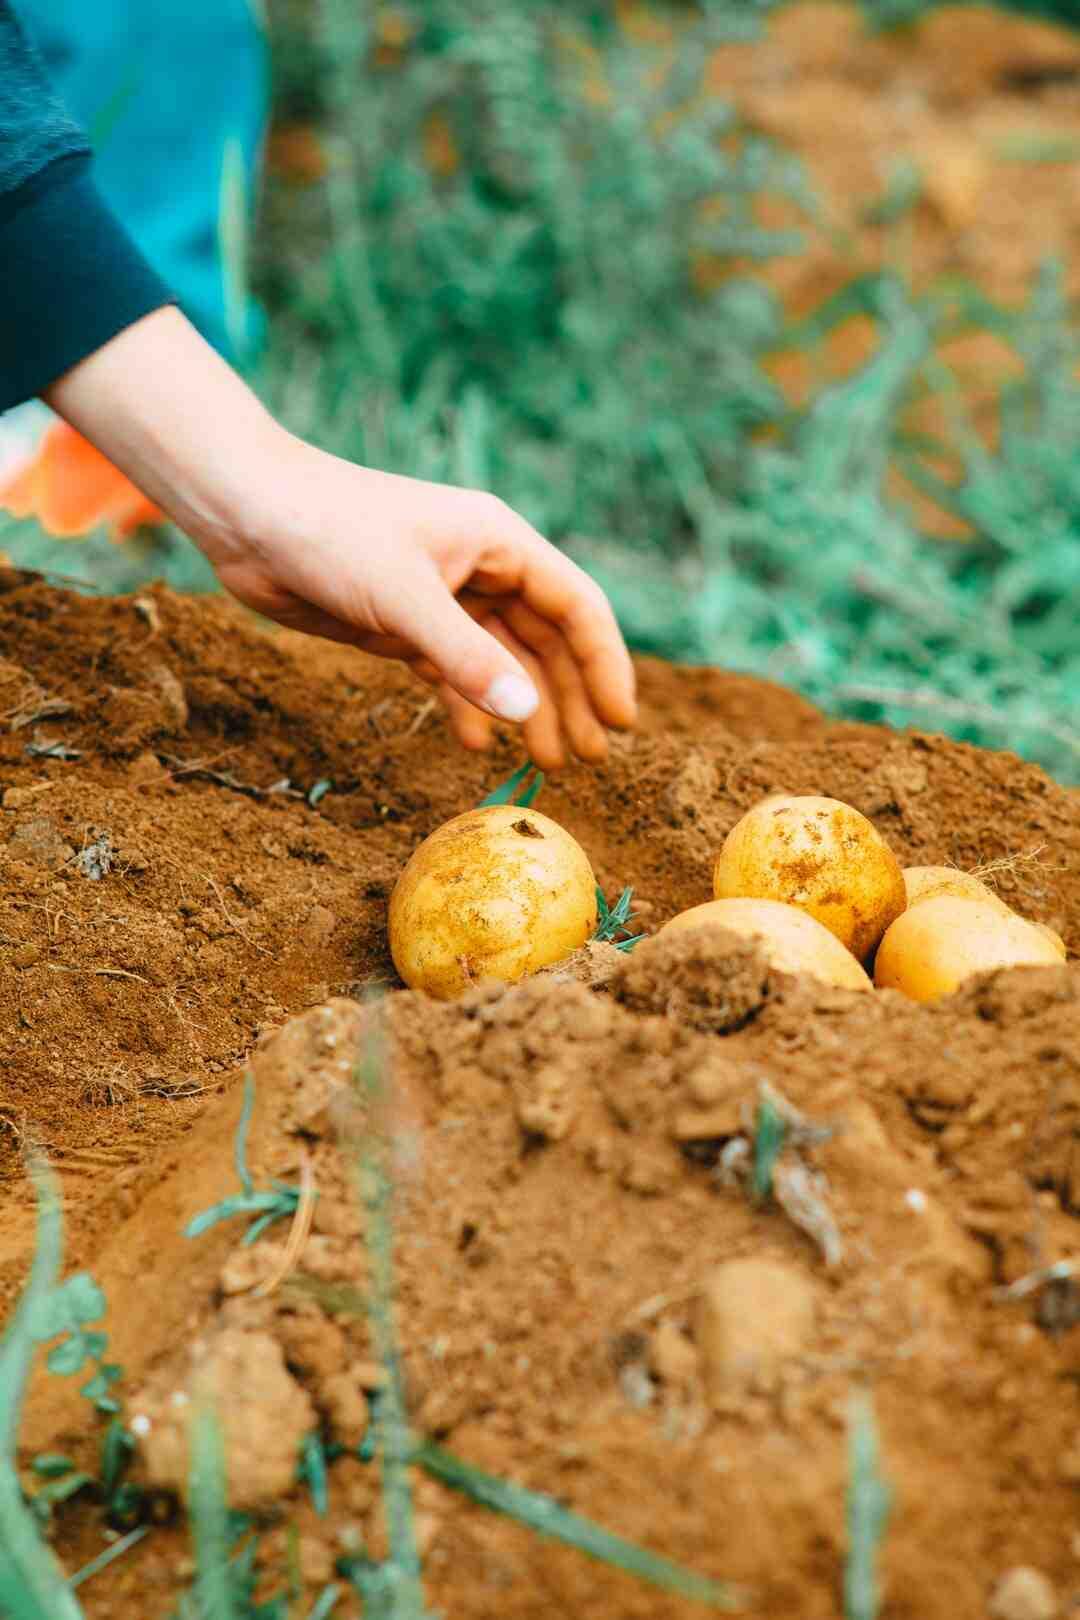 Comment équilibrer un sol trop riche en azote ?